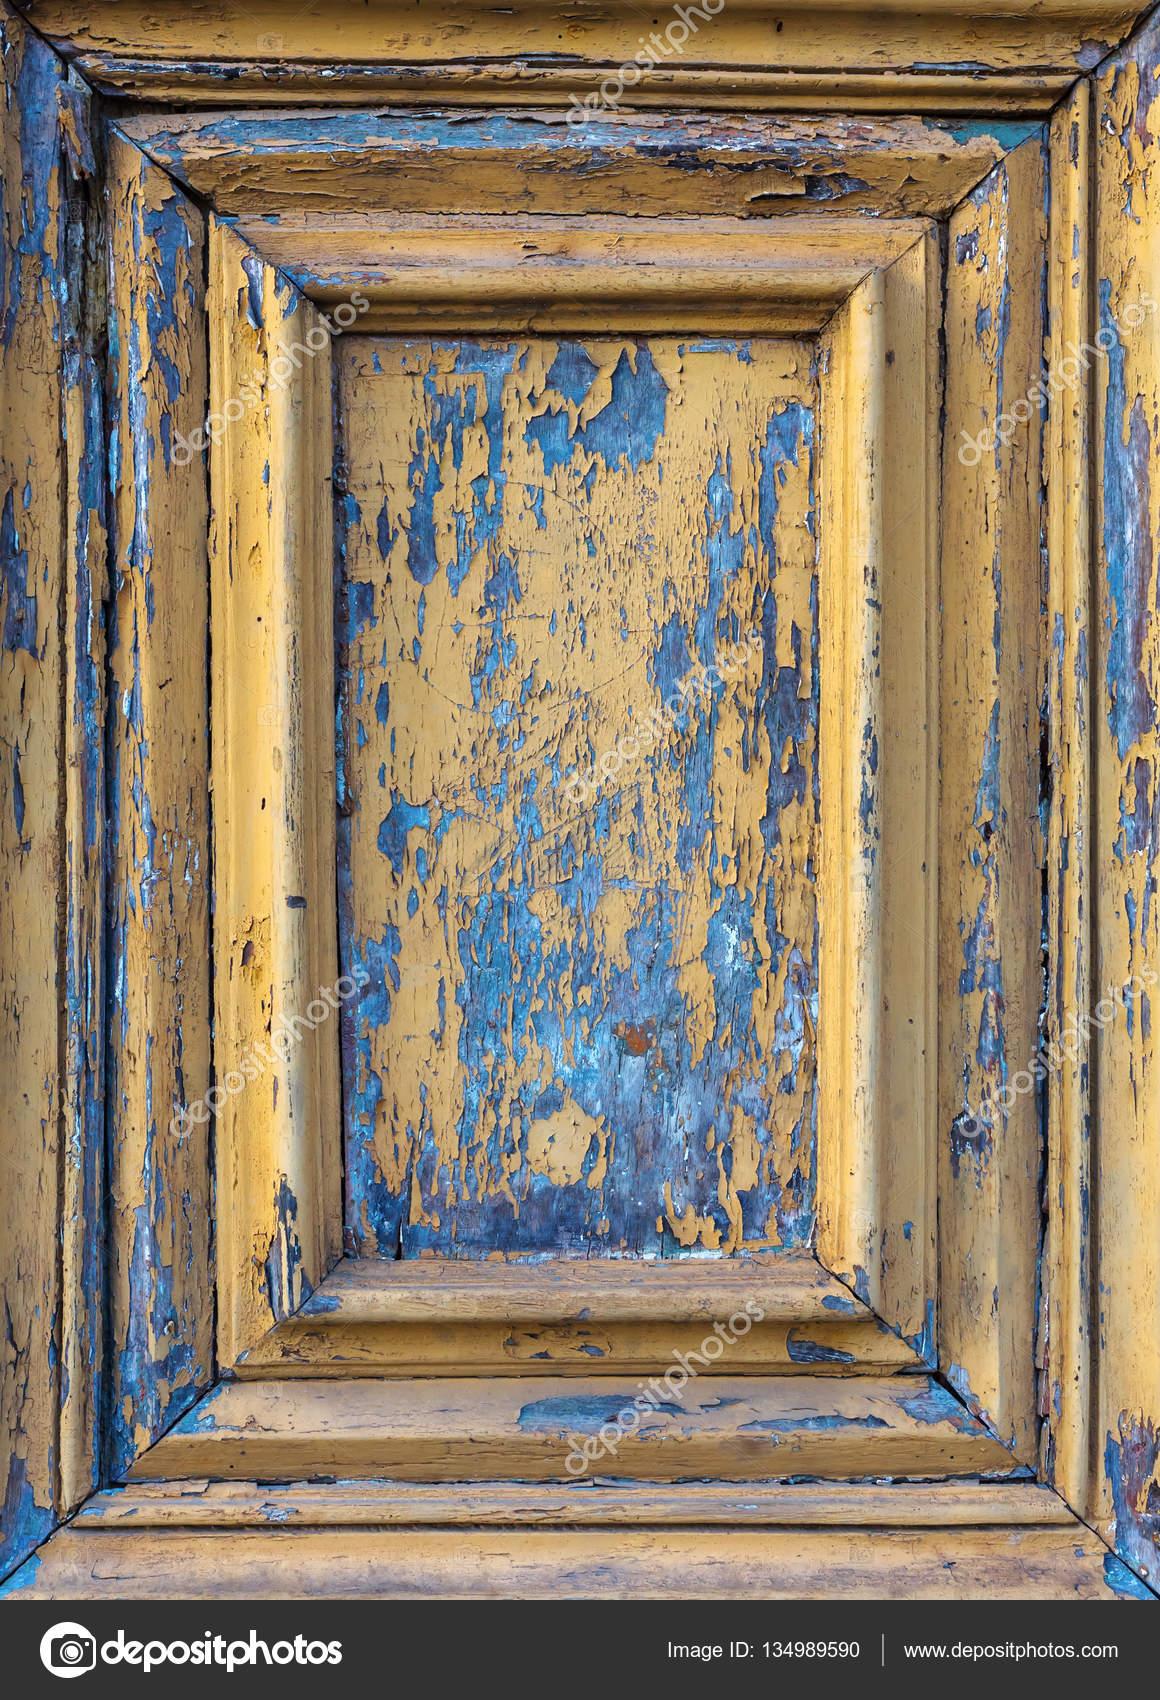 gerahmte Detail einer alten Tür — Stockfoto © Madrabothair #134989590